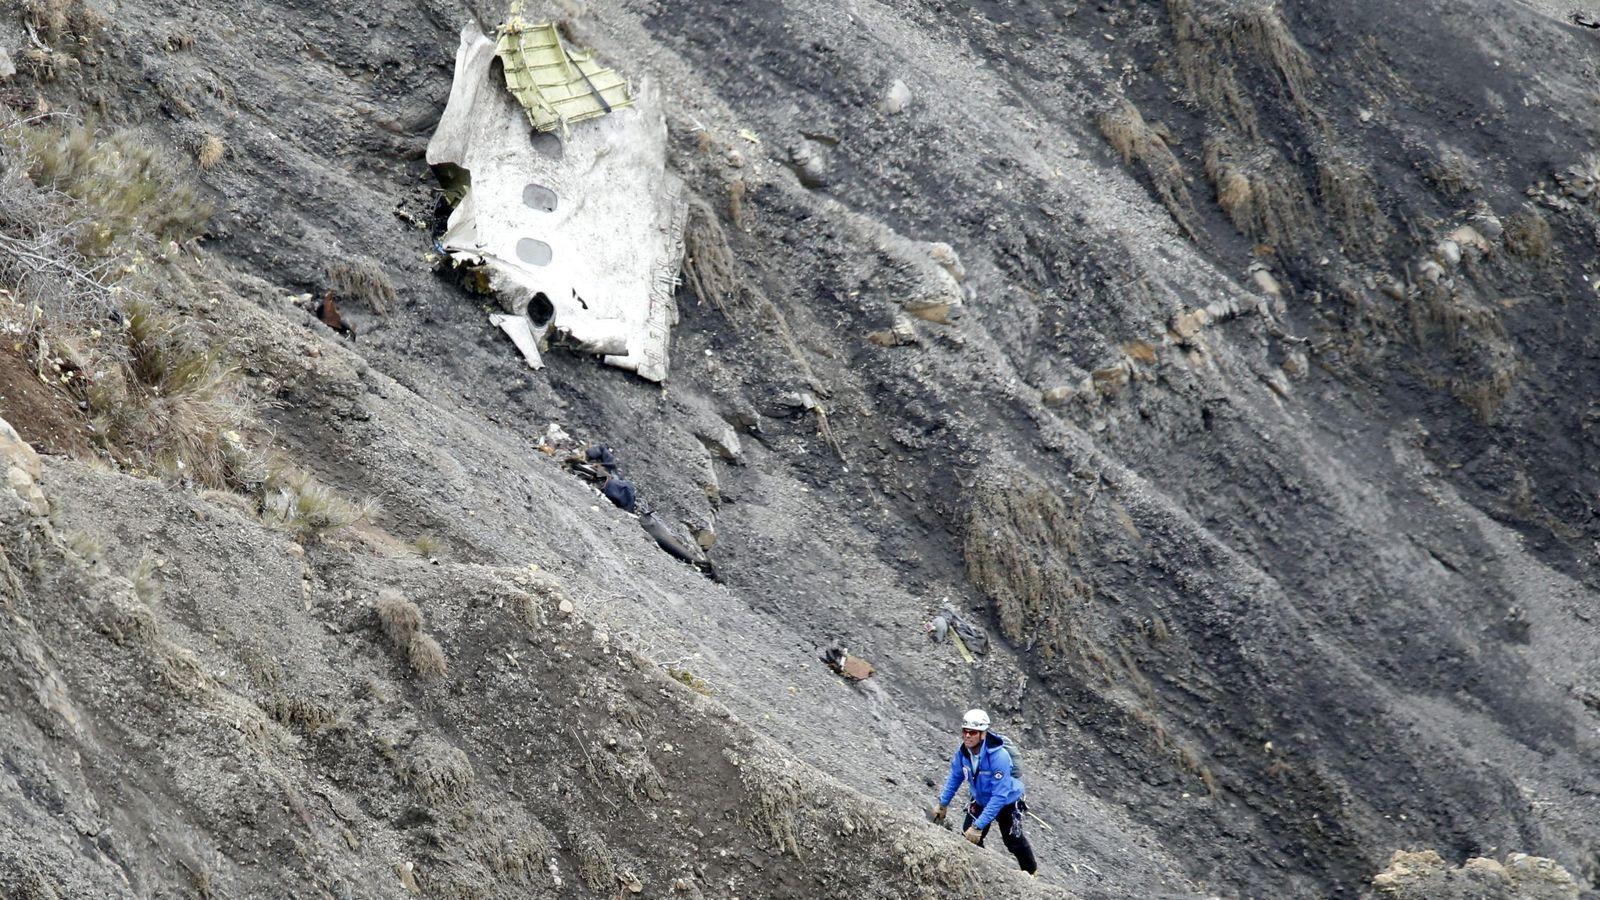 Foto: Restos del Airbus A320 de Germanwings tras el accidente en Francia. (Efe)